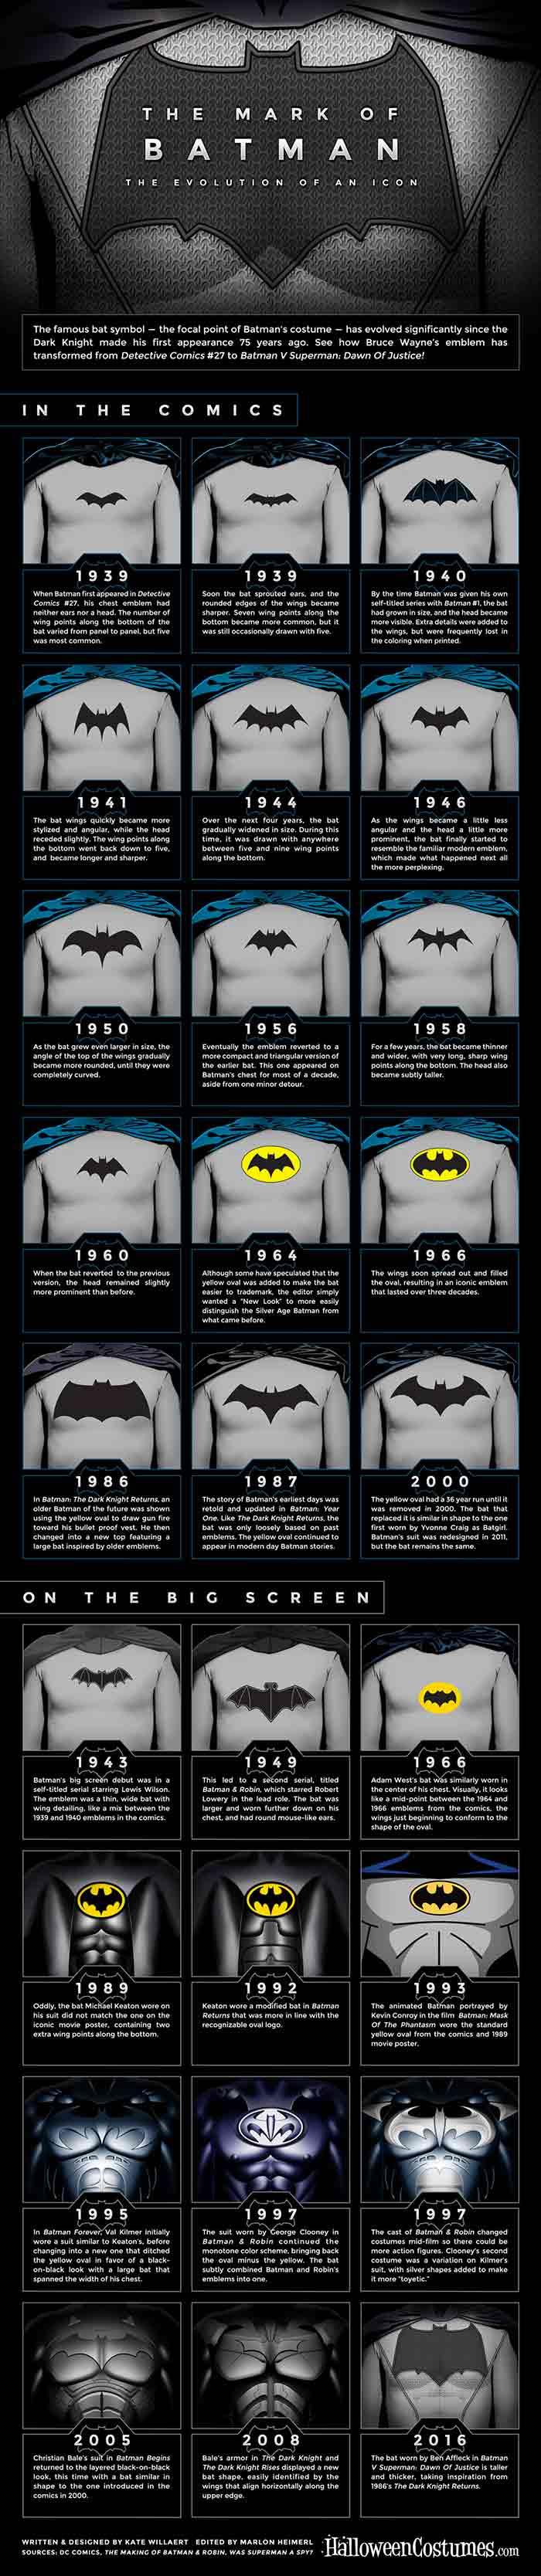 Evolución de Batman y su historia